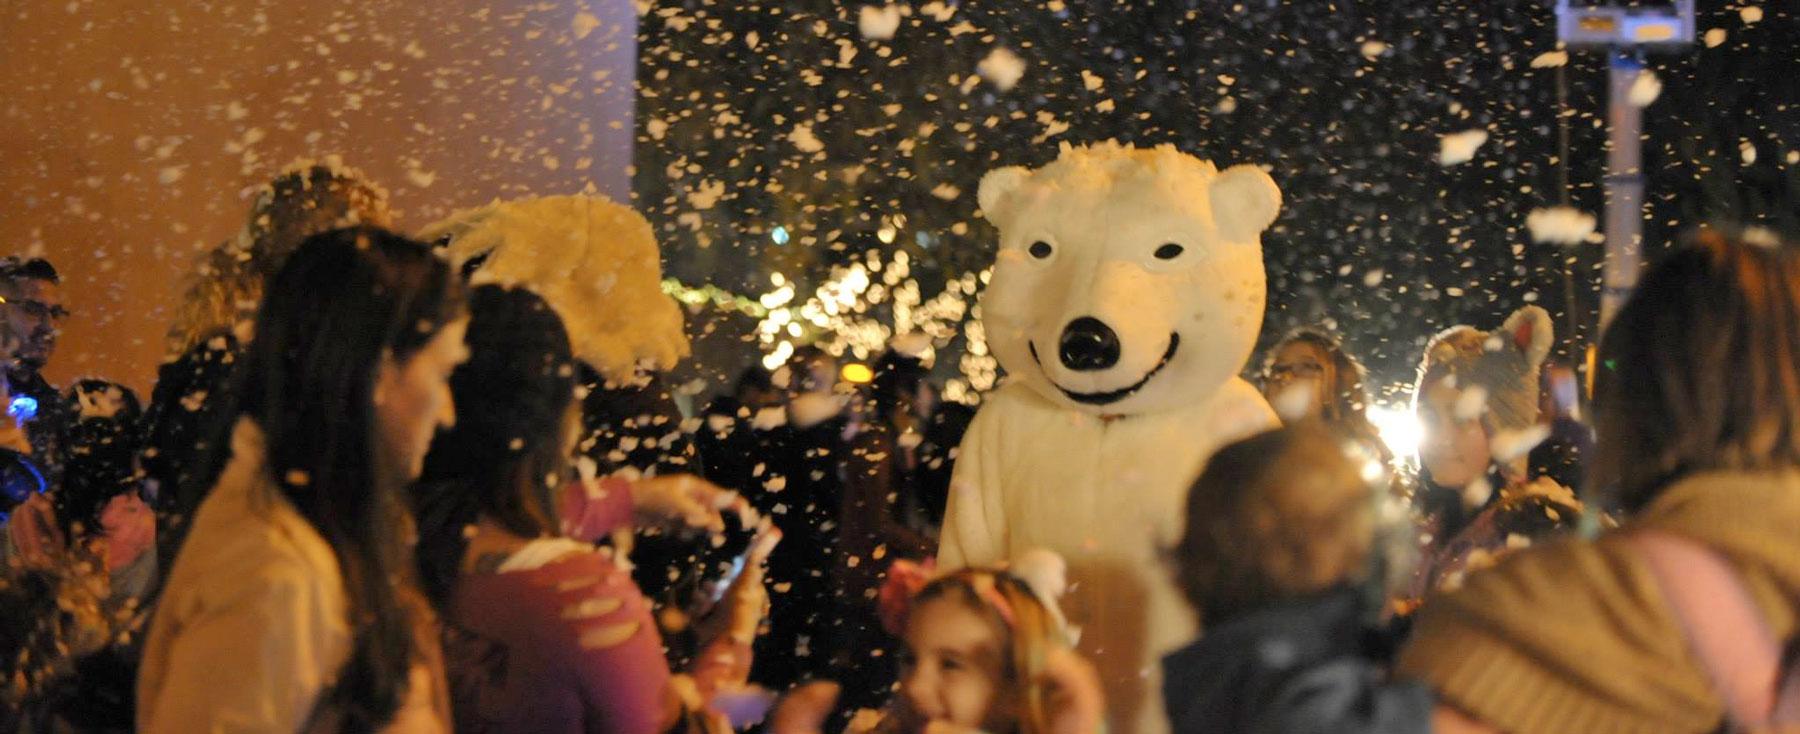 Poway Winter Festival